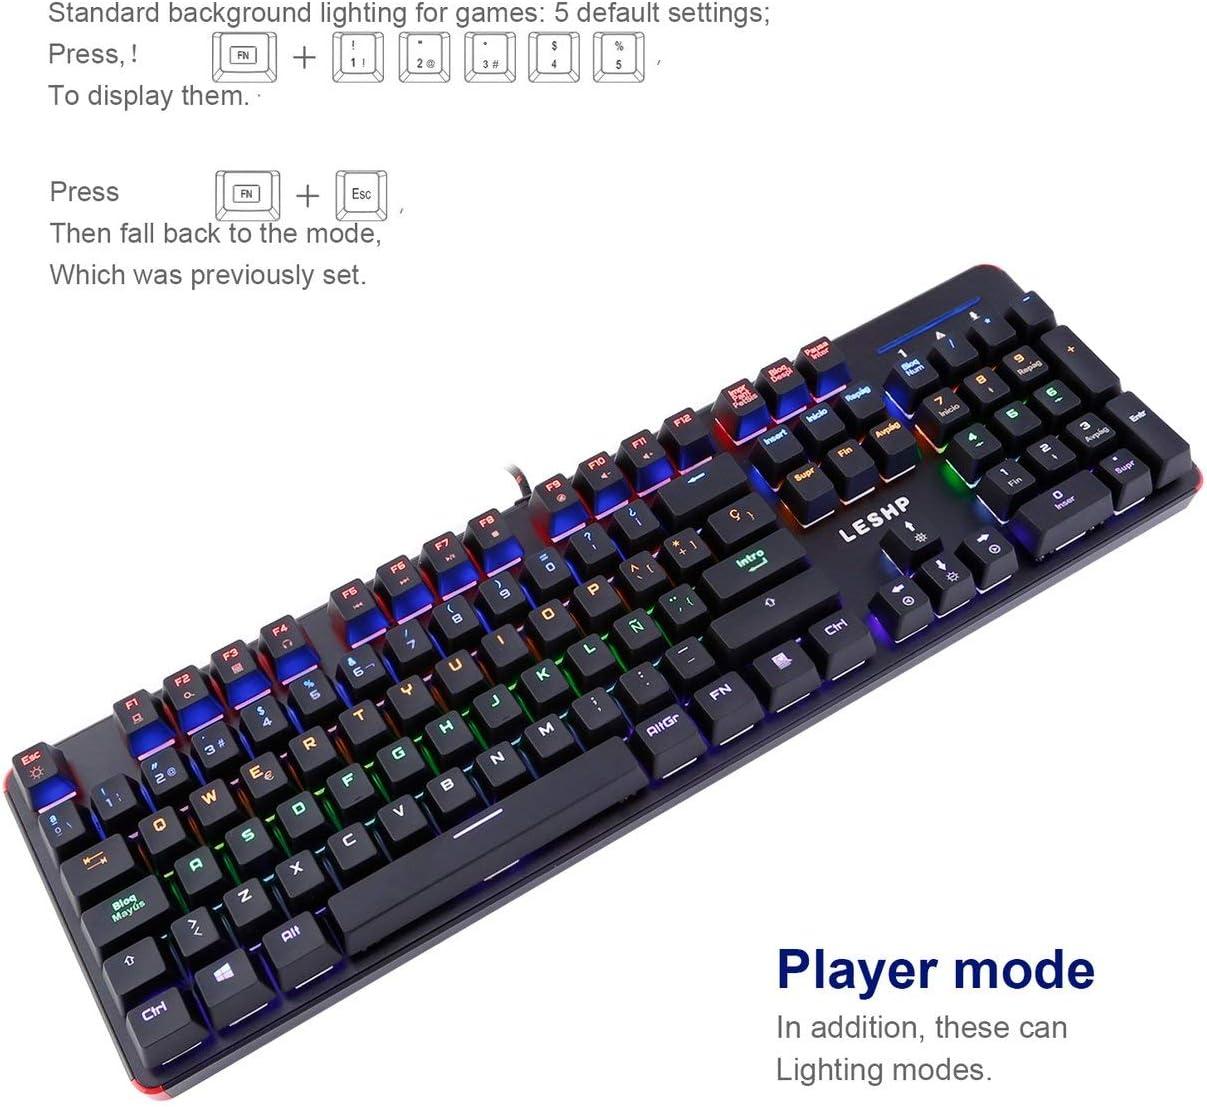 LoveOlvido LESHP Teclado mecánico con Cable USB 105 Teclas Iluminado Profesional para Juegos de Oficina con retroiluminación LED Ajustable